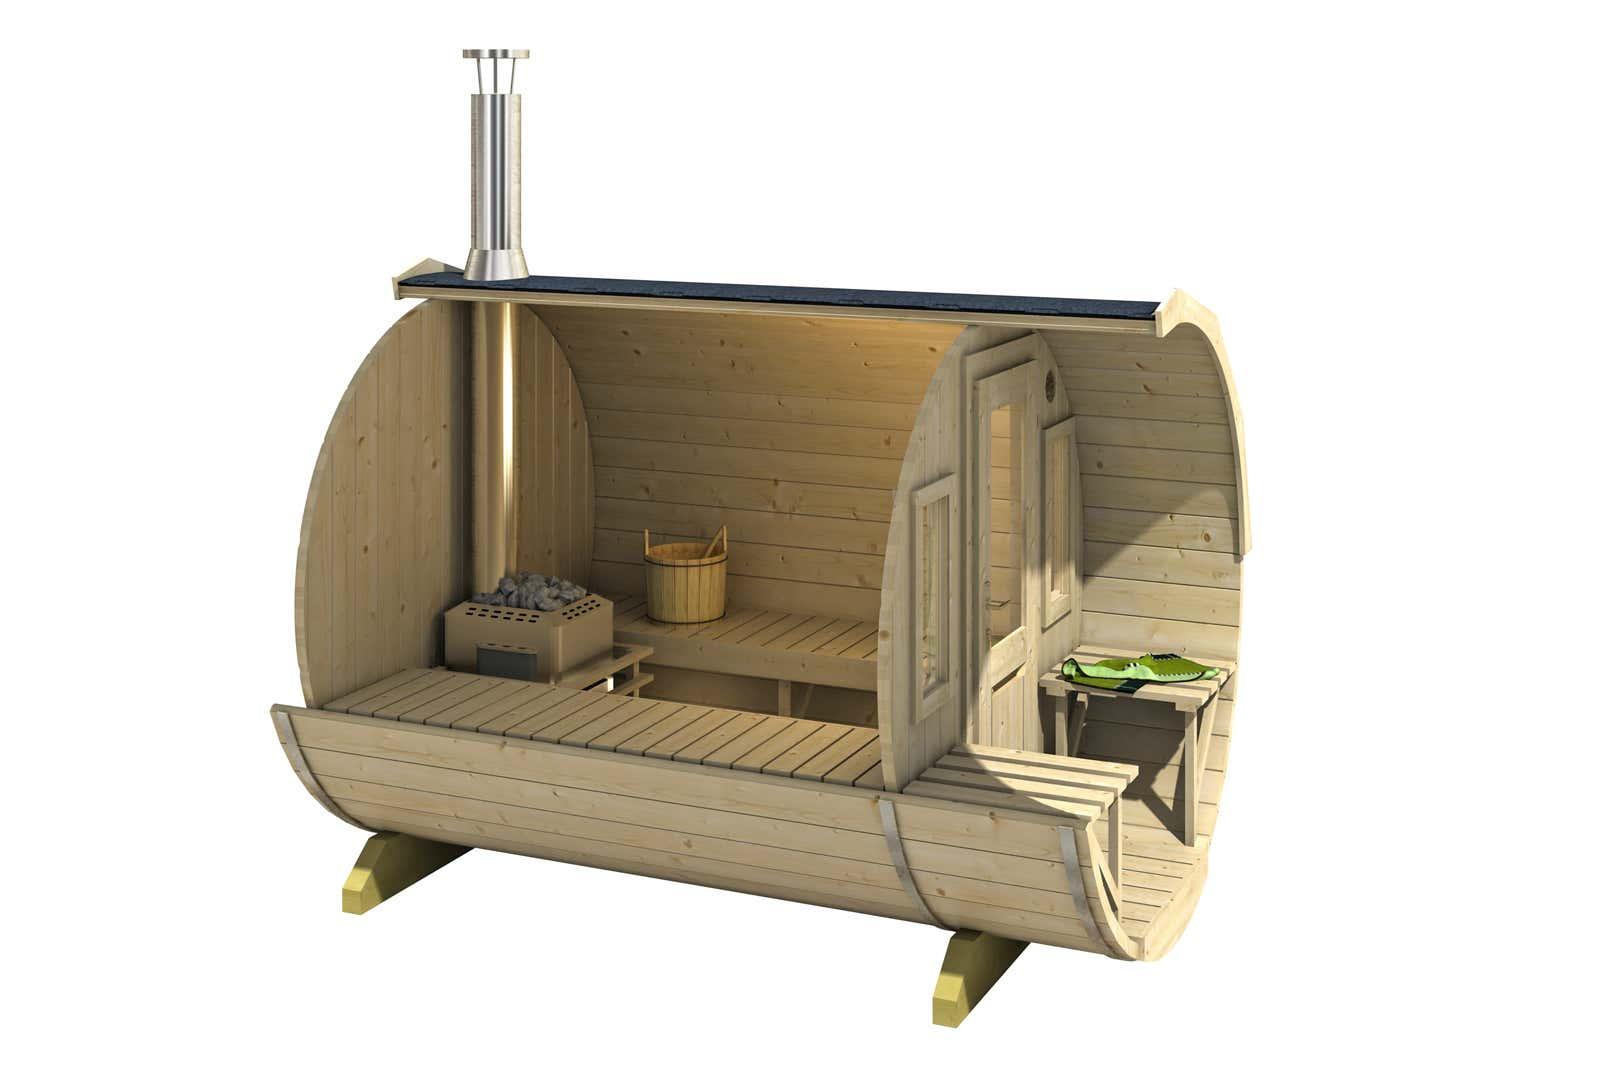 fasssauna mit holzofen aus polen schwimmbad und saunen. Black Bedroom Furniture Sets. Home Design Ideas